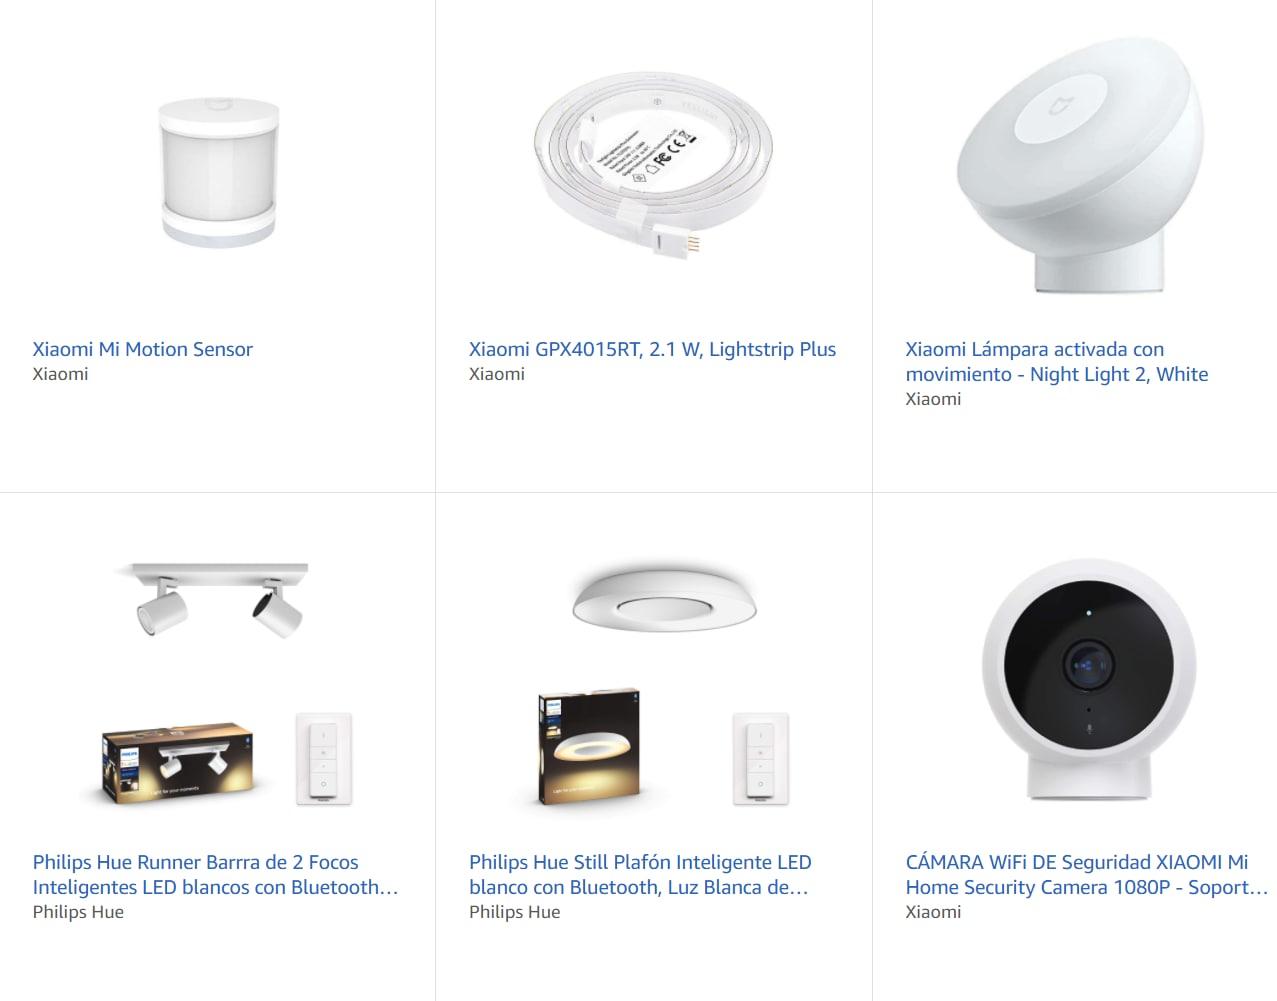 3x2 en productos de iluminación Xiaomi y Philips